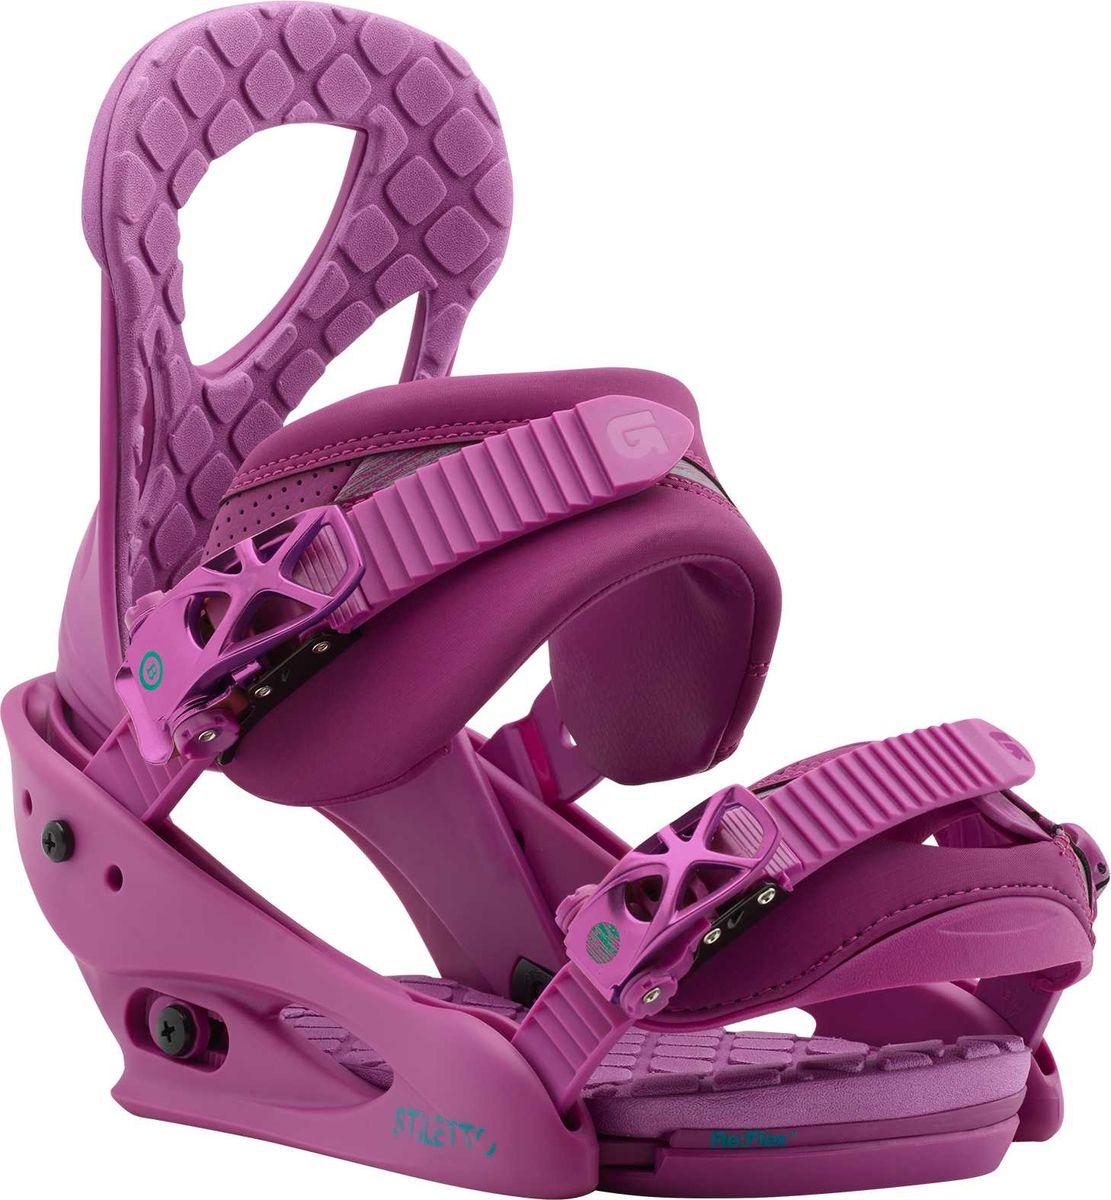 Крепление для сноуборда Burton Stiletto Hot Purple, цвет: фиолетовый. Размер M10548104502Мягкие, гладкие и невероятно надежные крепления Burton Stiletto, выполненные по технологии Re:Flex, которая обеспечивает естественный прогиб доски без сильного влияния на него собственной жесткости креплений. Формованные стрэпы с наполнителем из вспененного материала EVA обеспечивают равномерное давление и четкую посадку поверх ботинка, а амортизирующая подушка FullBED, повторяющая контур подошвы, добавляет амортизации, уберегая ваши стопы от жестких приземлений и усталости. Крепления Stiletto - надежное связующее звено между вашими ногами и доской, которое готово привнести естественности и отзывчивости в процесс катания.Параметры:- Легкая база из поликарбоната Bomb-proof.- Технология креплений RE:FLEX: уменьшенный вес и высокий уровень отзывчивости доски, так как жесткость креплений теперь не влияет на способность доски прогибаться.- Однокомпонентная конструкция хайбэка для лучшей отзывчивости.- Хайбэк Canted повторяет анатомические особенности правой и левой ног.- Регулировка наклона хайбэка MicroFLAD.- Конструкция True Fit создана специально для женщин с учетом особенностей катания и строения ног.- Формованные стрепы LUSHSTRAP с наполнителем из вспененного материала EVA.- Конструкция стрепов Flex Slider для удобства встегивания в крепления и застегивания налету.- Носочный стреп Gettagrip Capstrap формованный и цепкий.- Легкие металлические бакли со вставками из поликарбоната Smooth Glide разработаны компанией Burton и готовы работать мягко и надежно не один сезон.- Амортизирующая вставка FullBED из вспененного материала EVA повторяет форму подошвы ботинка, обеспечивая высокий уровень амортизации; легко снимается без дополнительных инструментов.Как выбрать сноуборд. Статья OZON Гид